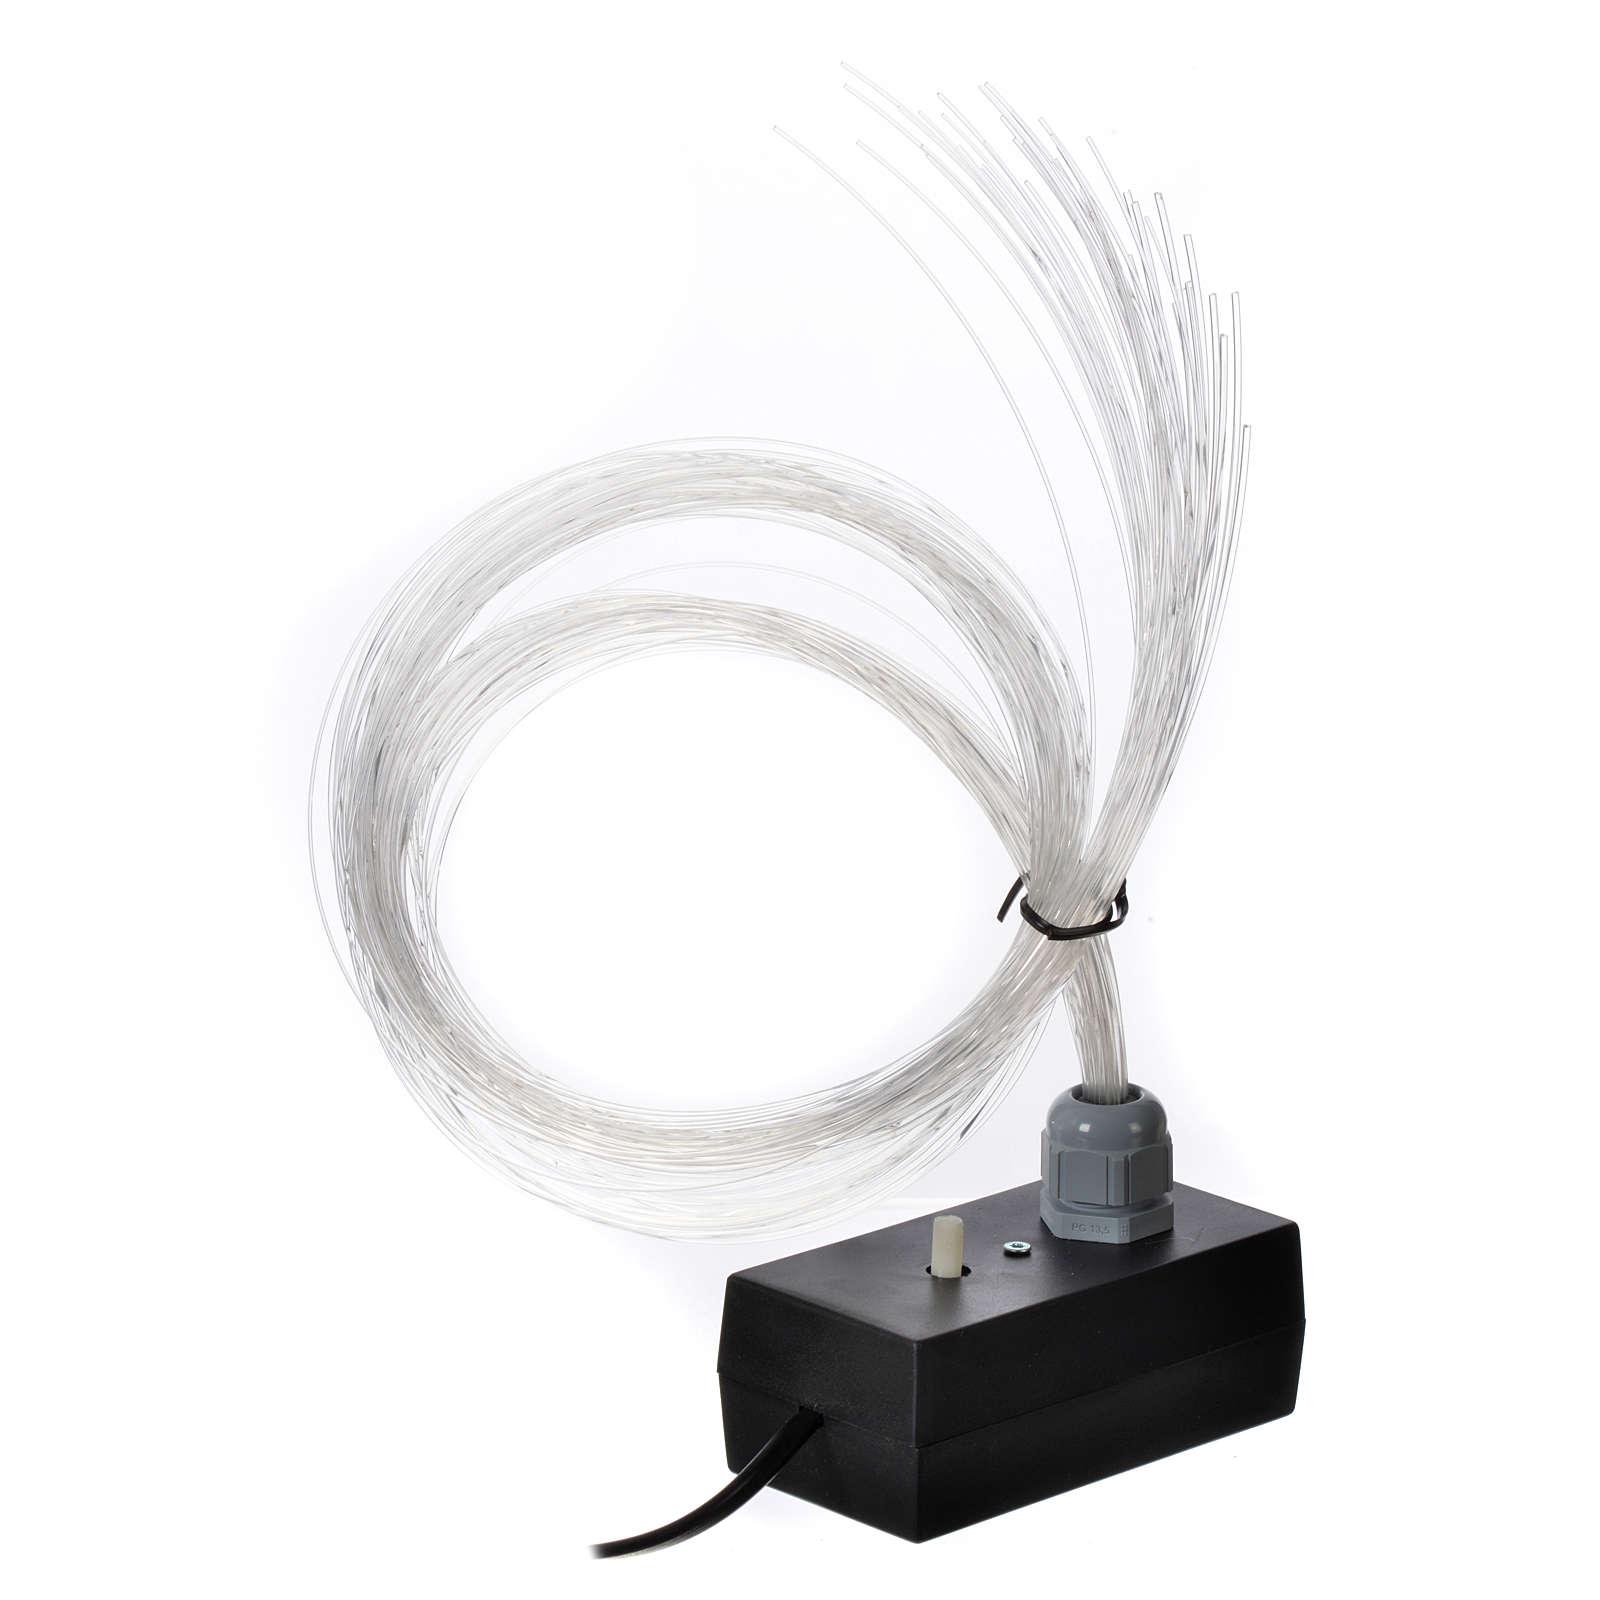 Iluminador LED con luz gradual y trémula 45 hilos fibra óptica 4